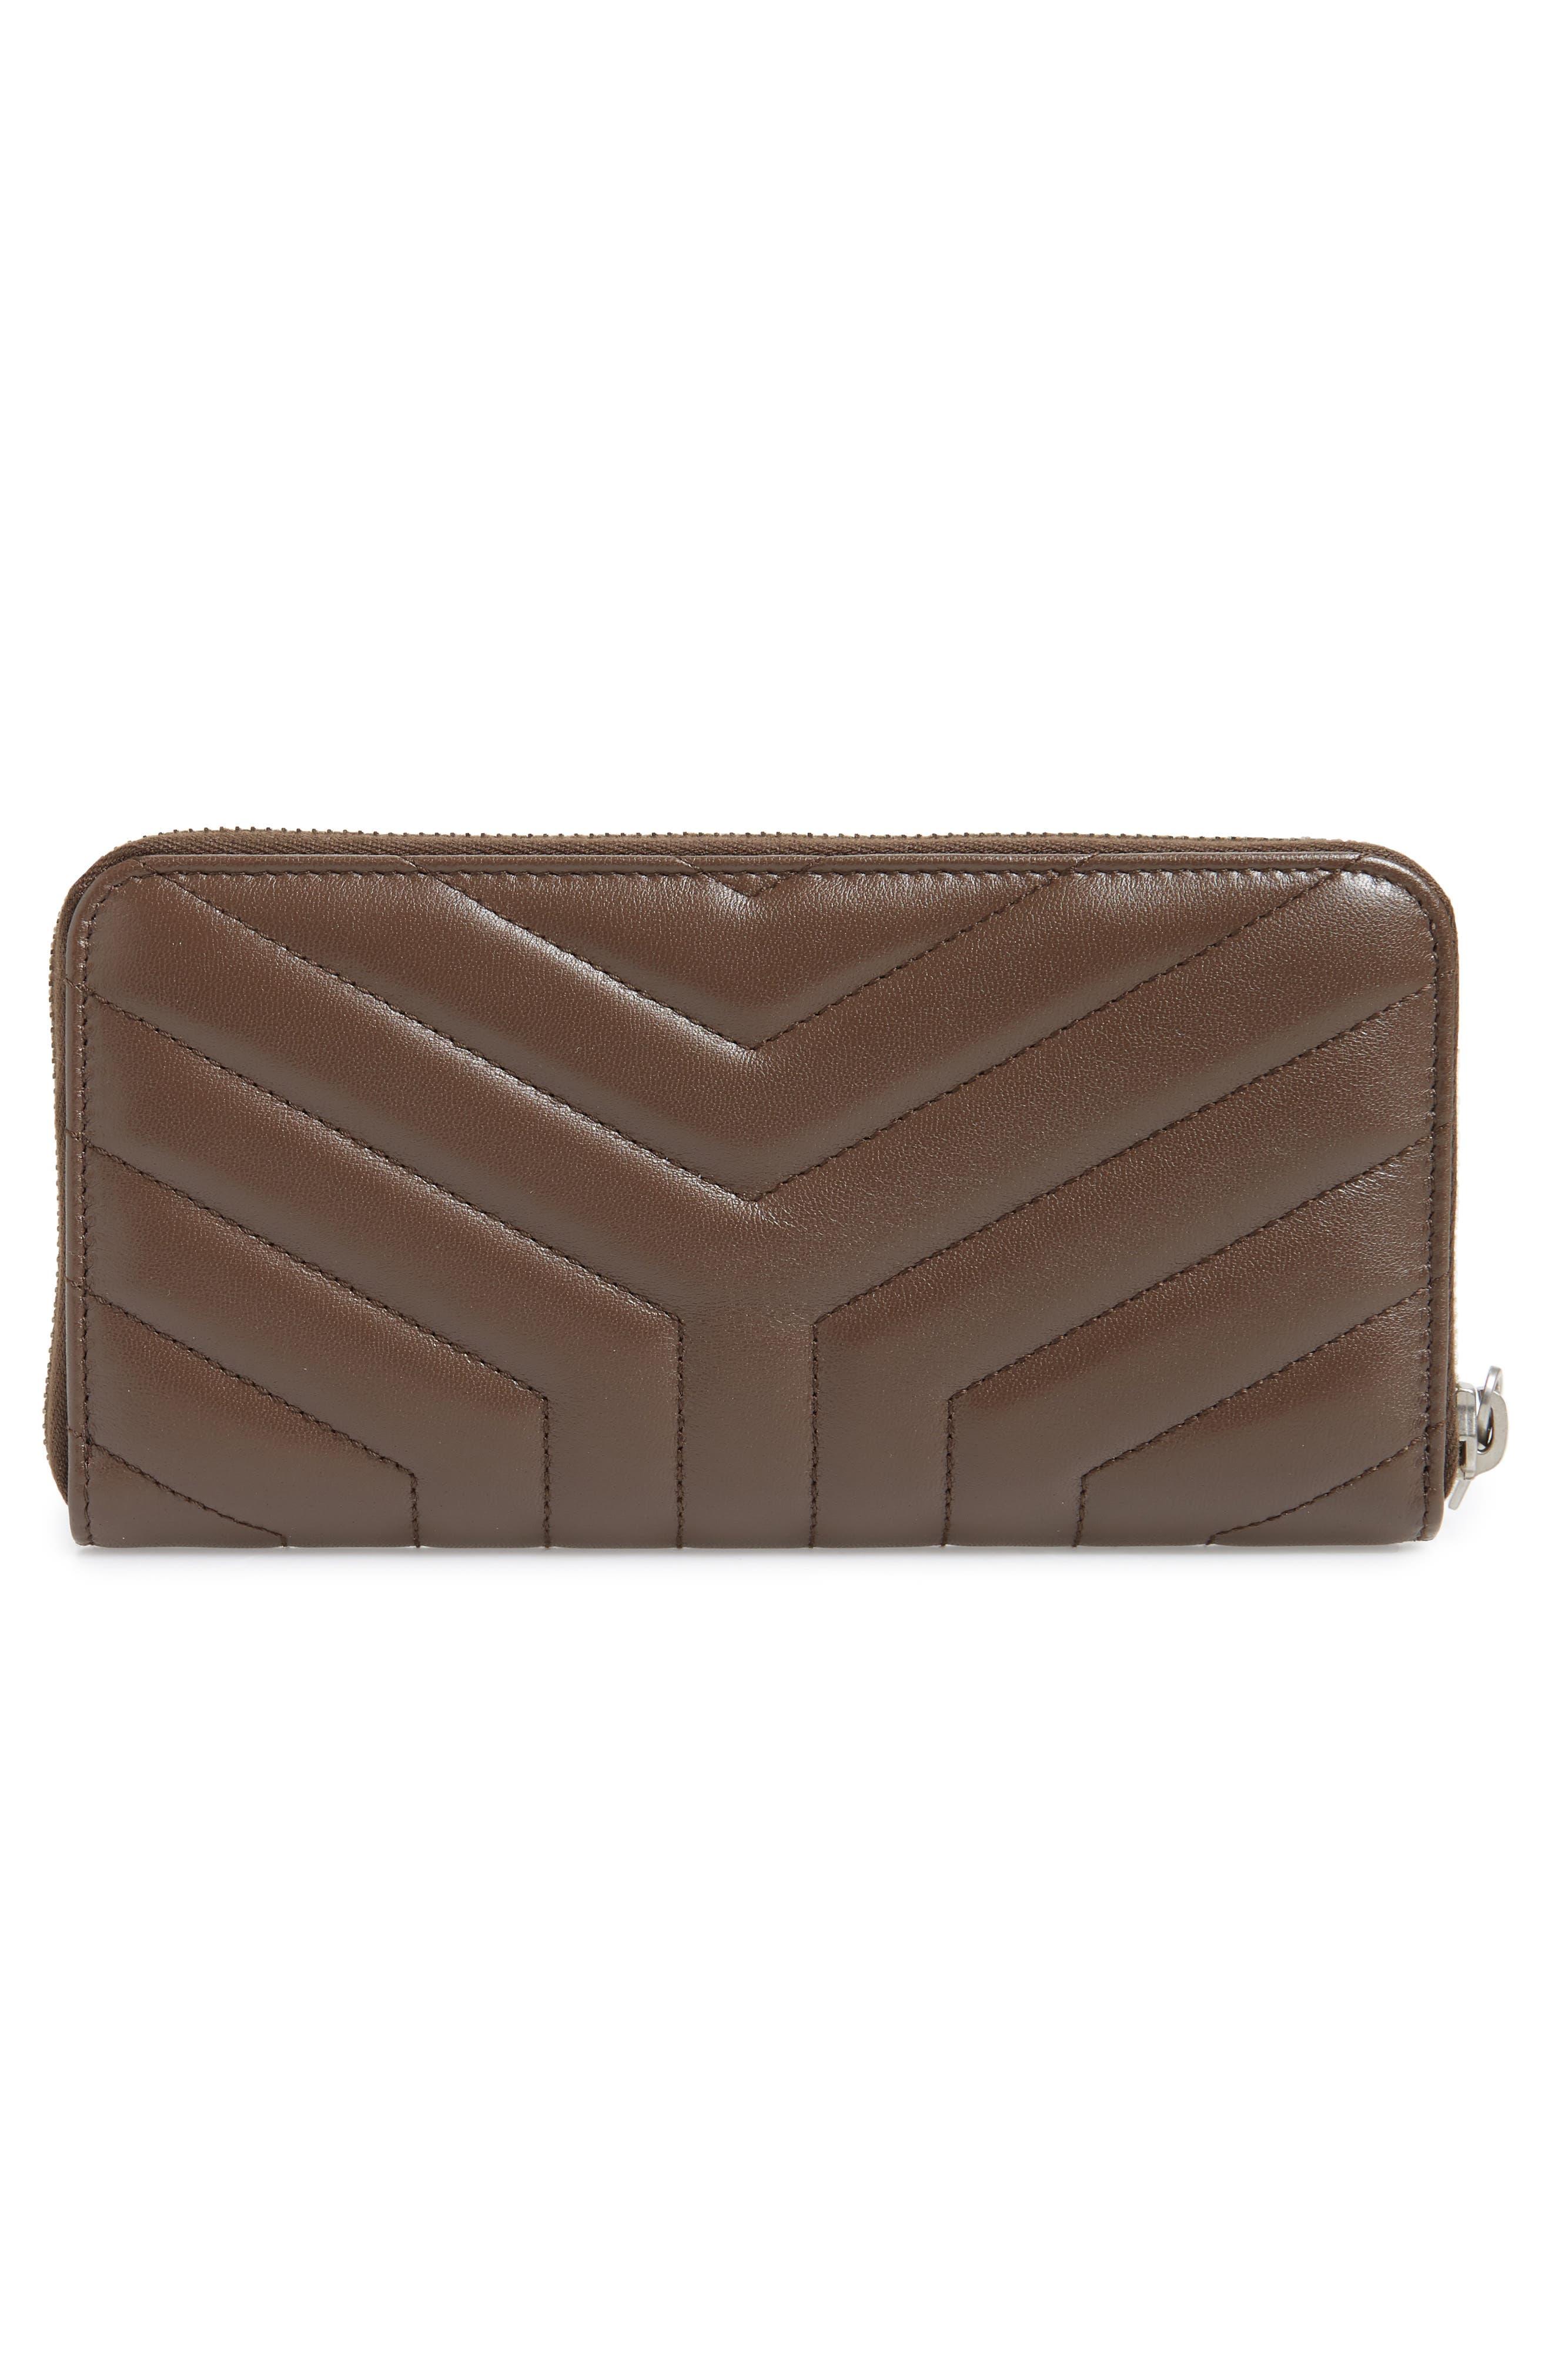 SAINT LAURENT, Loulou Matelassé Leather Zip-Around Wallet, Alternate thumbnail 3, color, FAGGIO